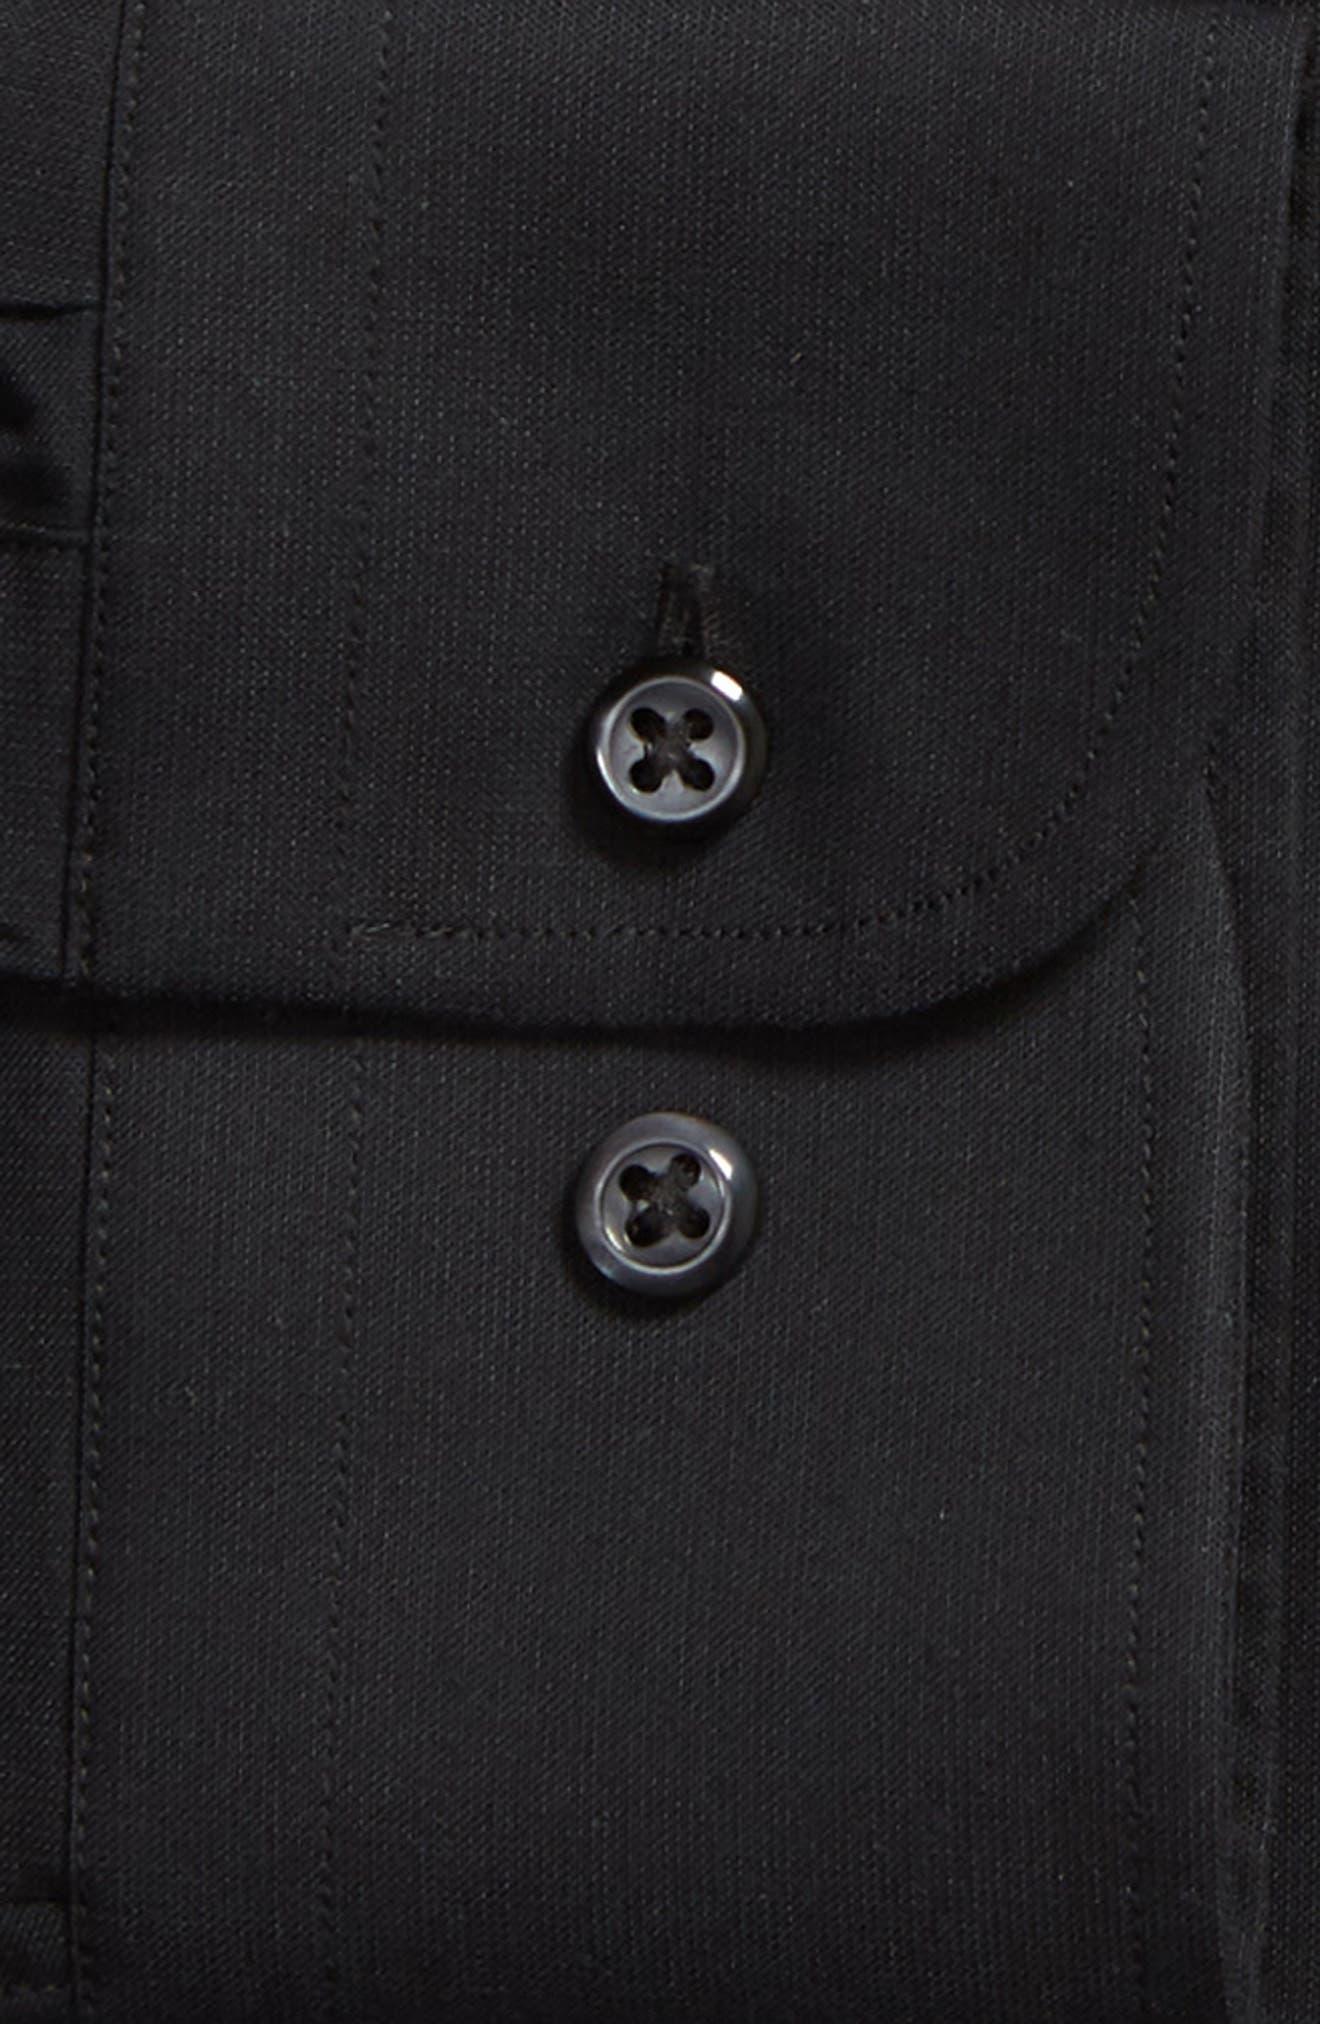 Tech-Smart Trim Fit Stretch Pinpoint Dress Shirt,                             Alternate thumbnail 6, color,                             BLACK ROCK